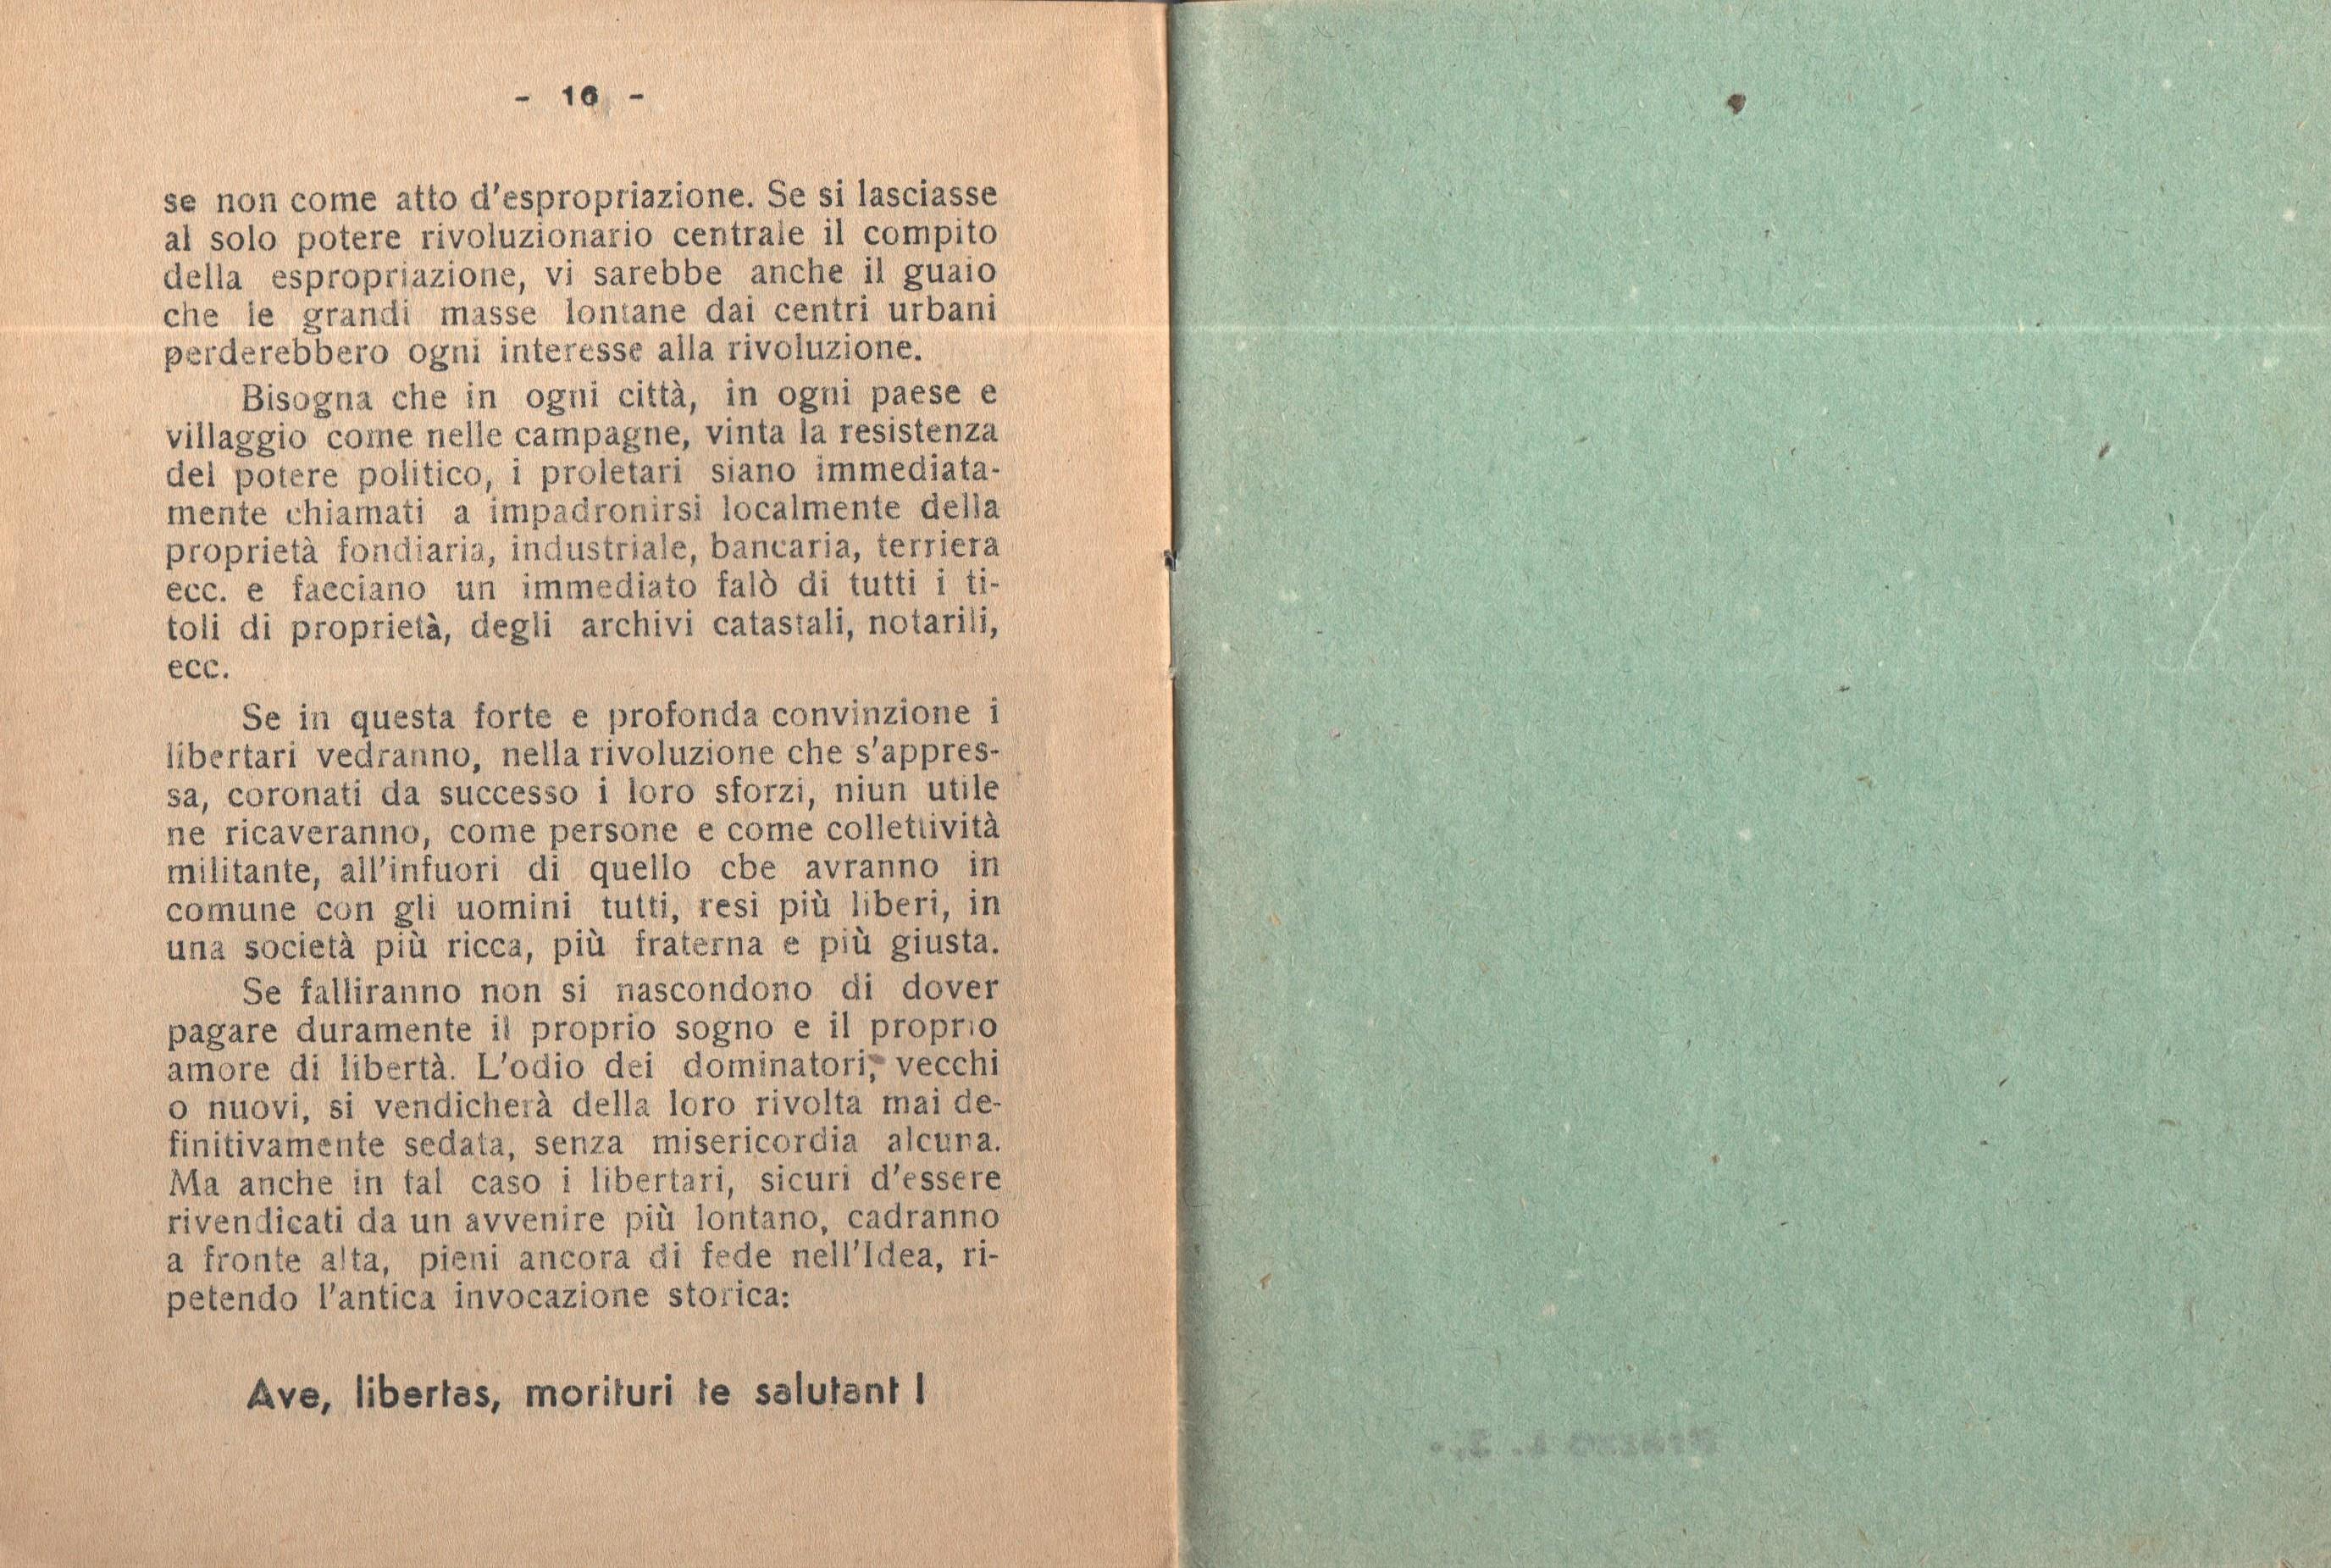 Federazione Comunista - pag. 10